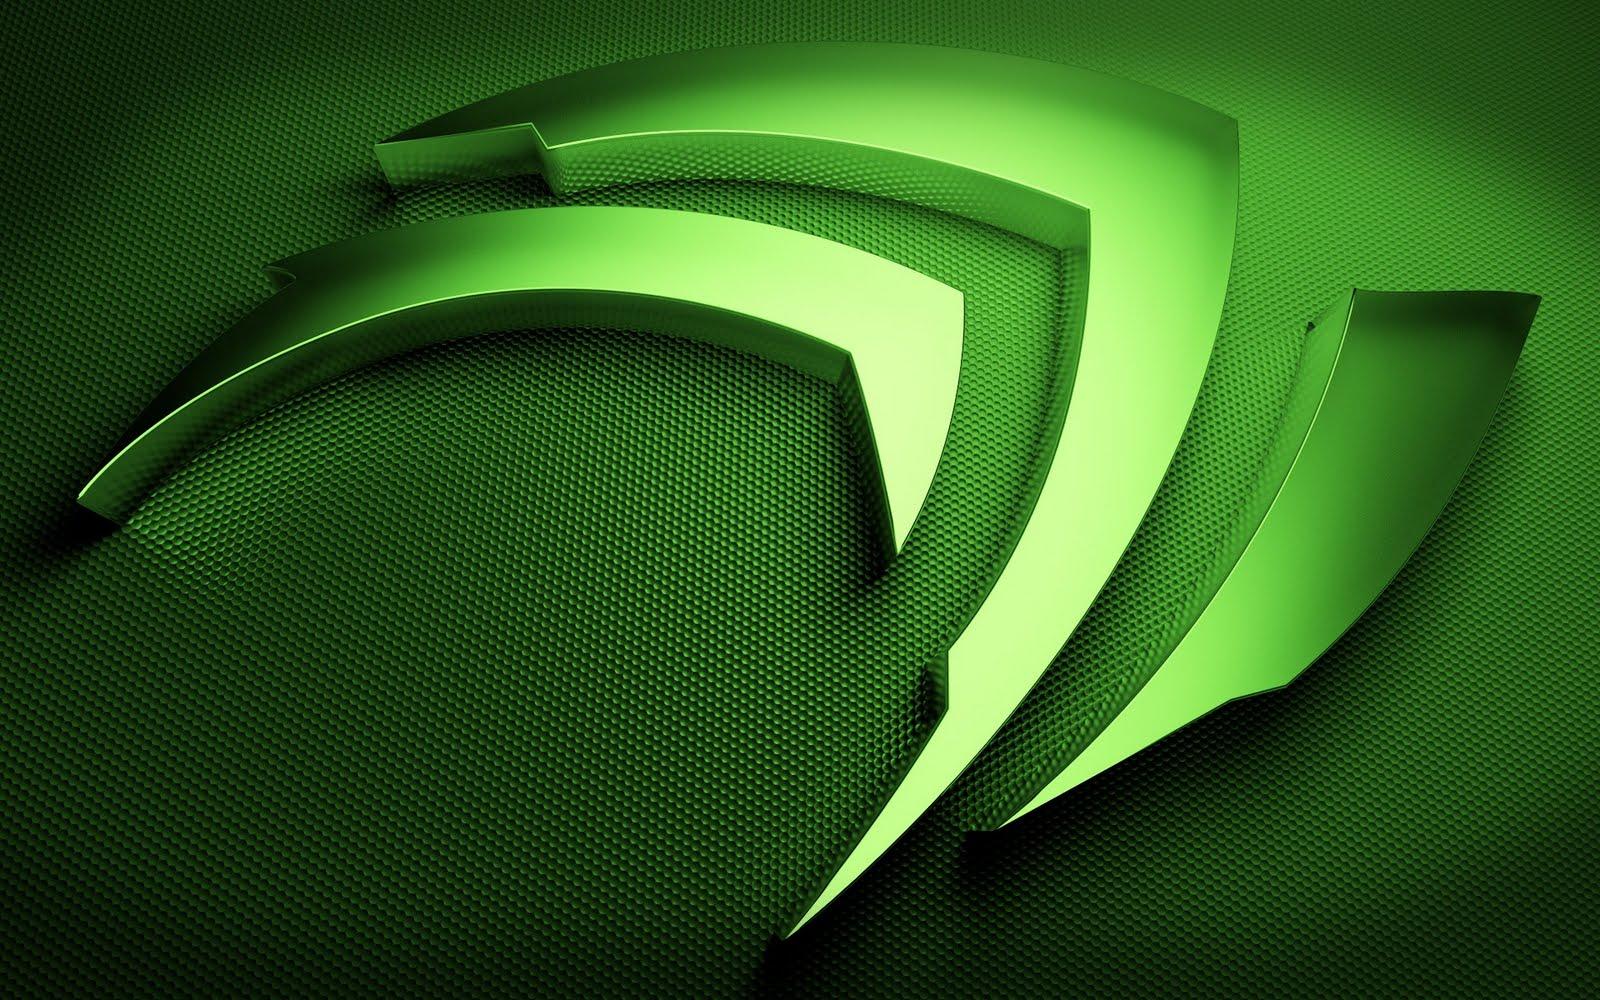 http://1.bp.blogspot.com/_6vbpJfdXQkw/TOfr5T5ki3I/AAAAAAAACFM/ARQGHd04_s8/s1600/NVidia_logo_hd_green_wallpaper.jpg